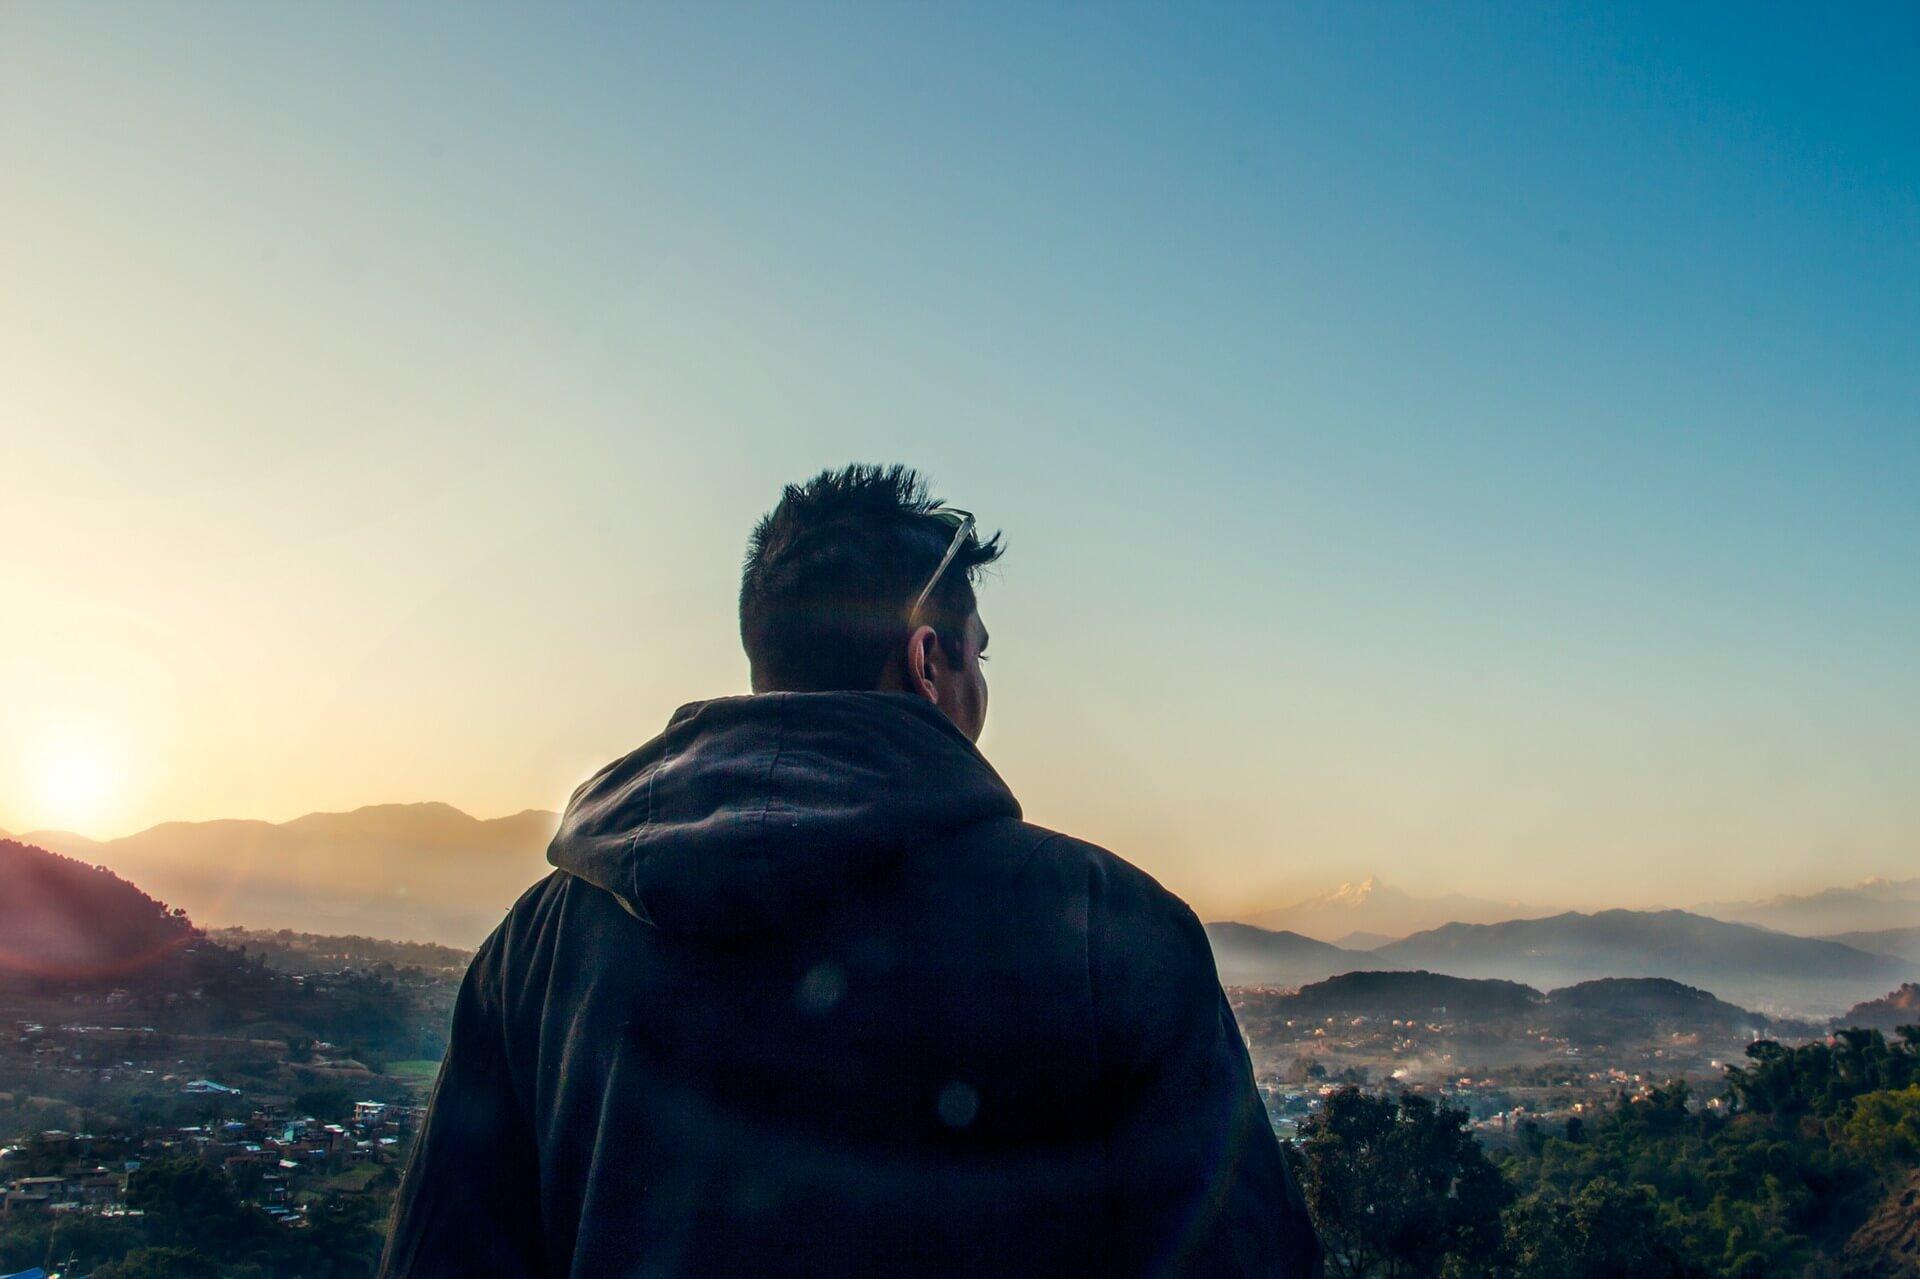 zachód słońca, mężczyzna zamyślony